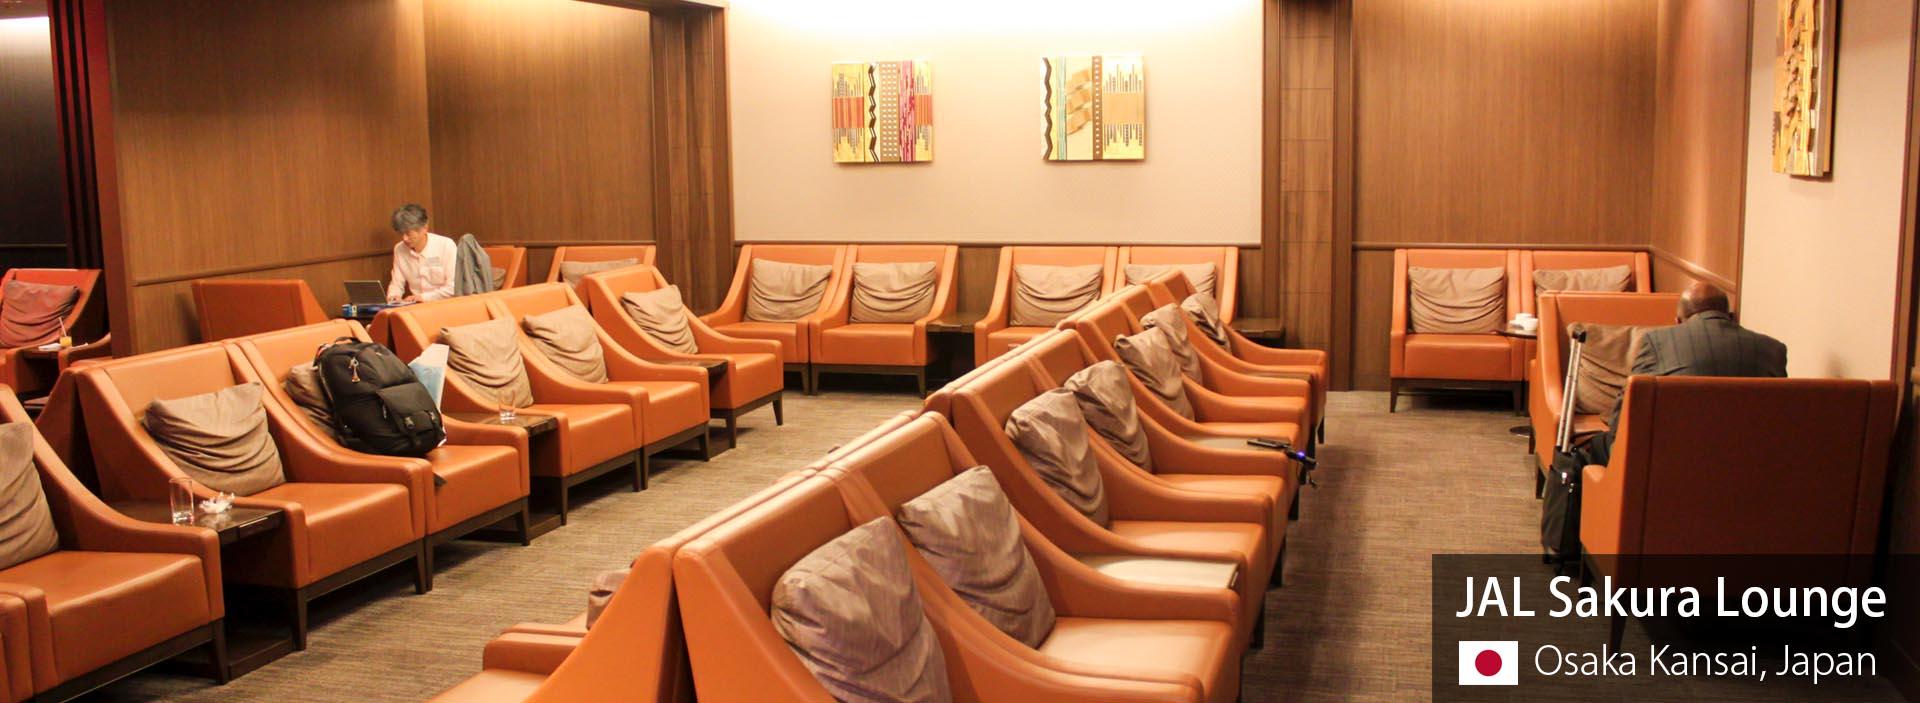 Review: JAL Sakura Lounge (International) at Osaka Kansai Airport